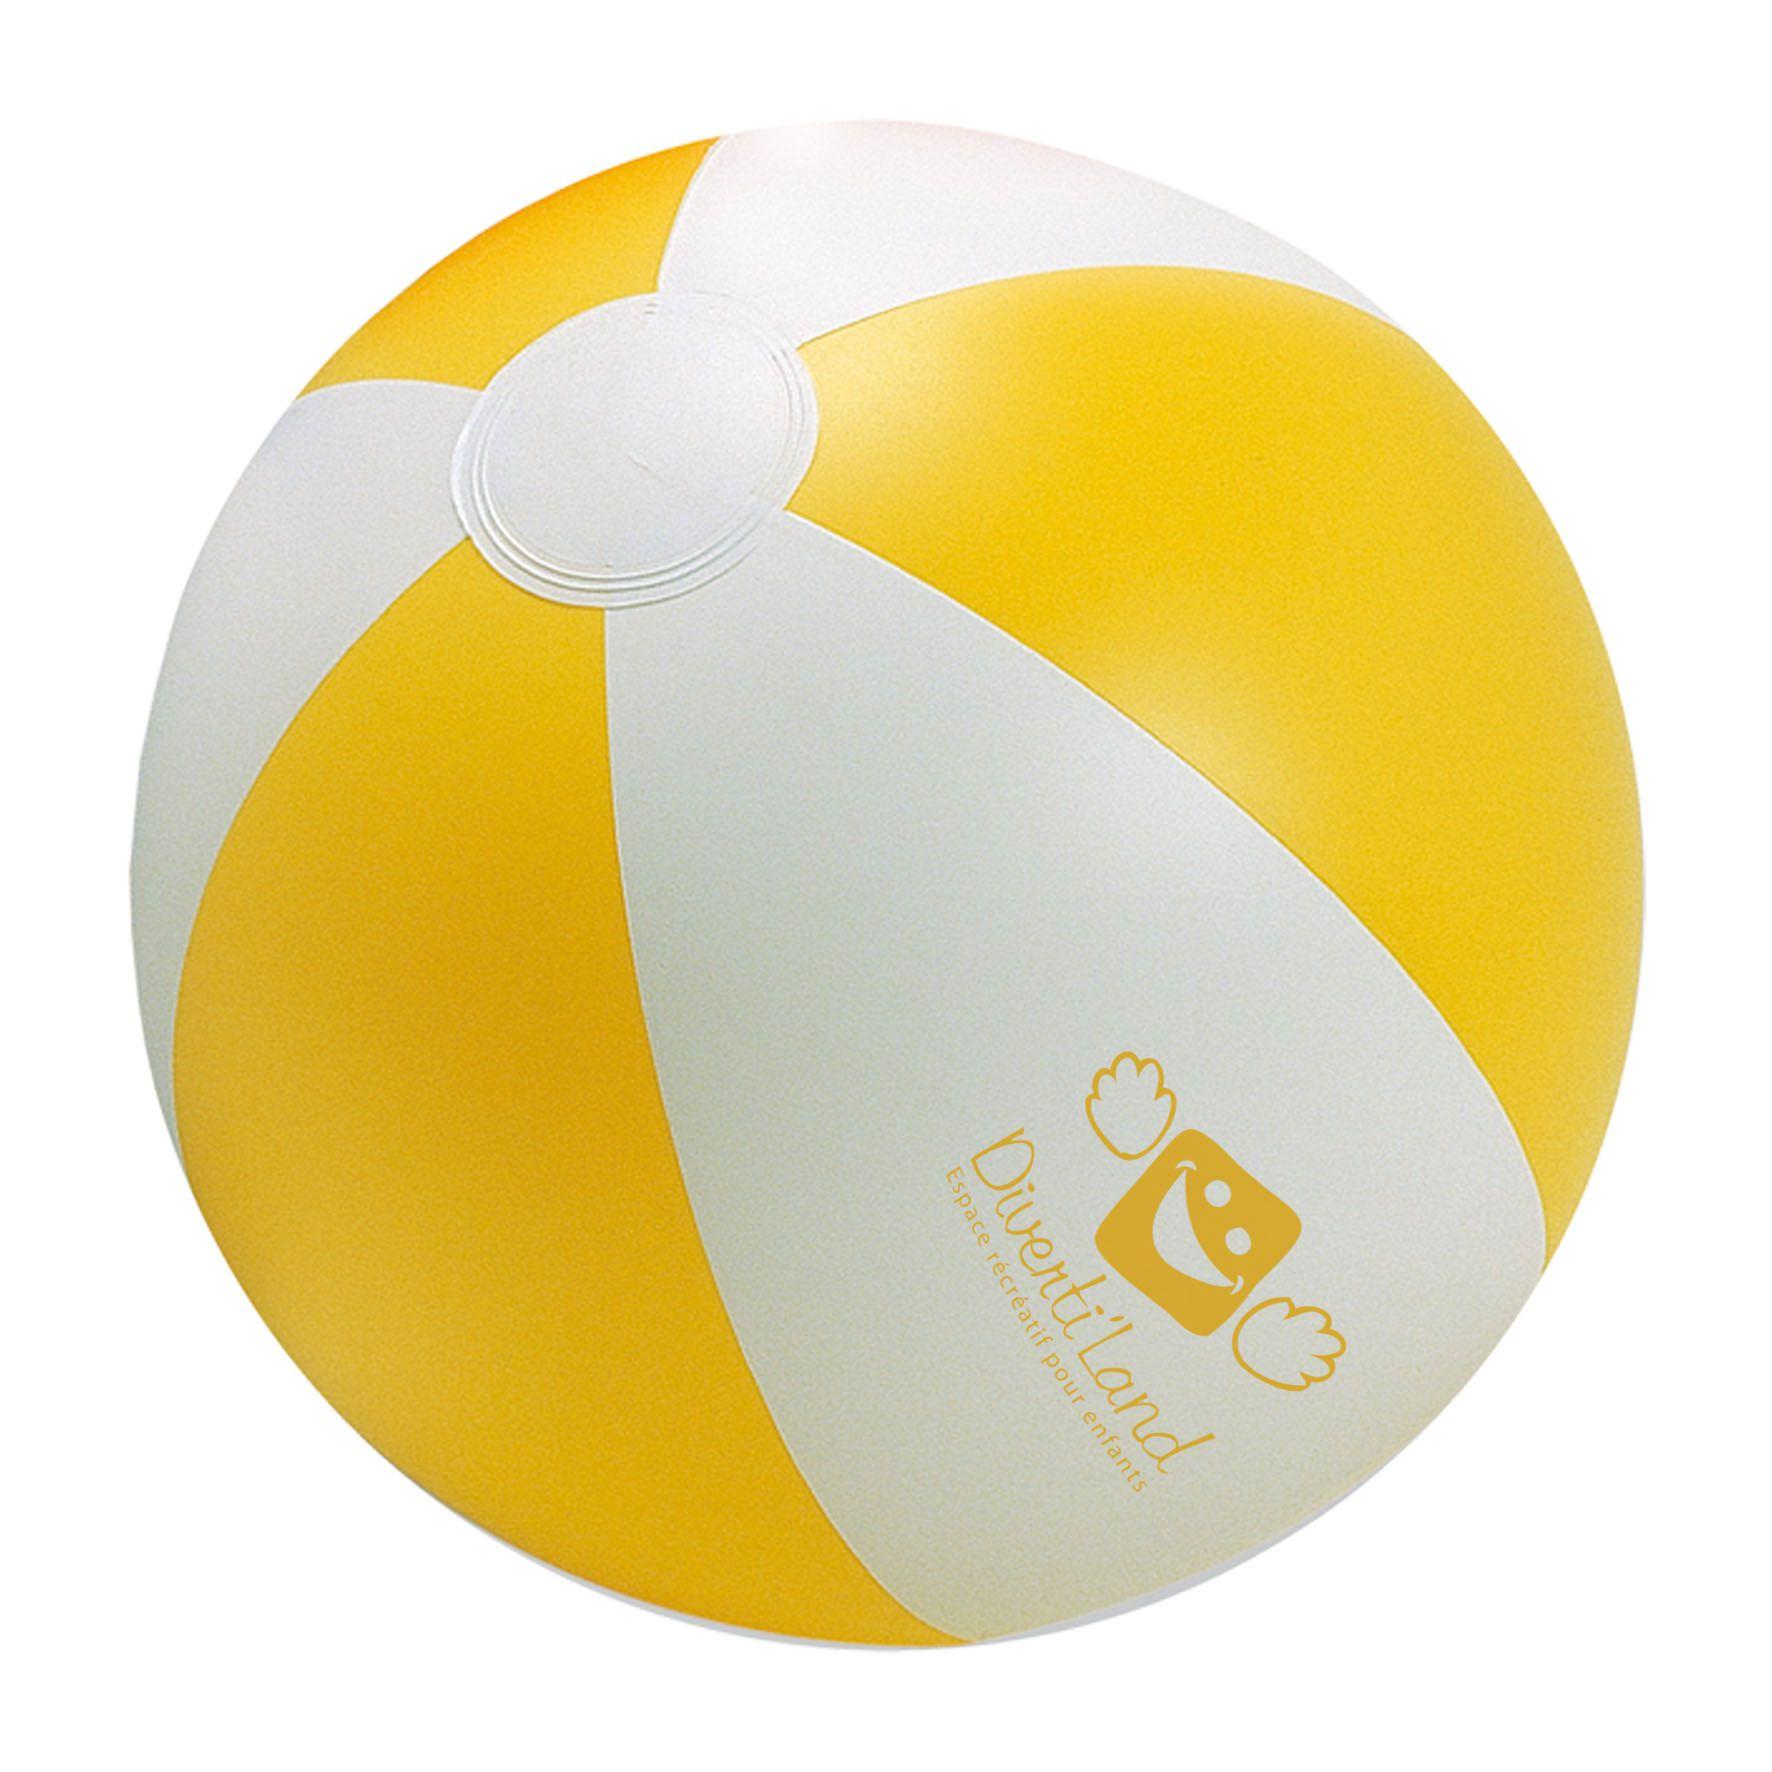 Accessoire publicitaire pour la plage - Ballon de plage Sunny - bleu